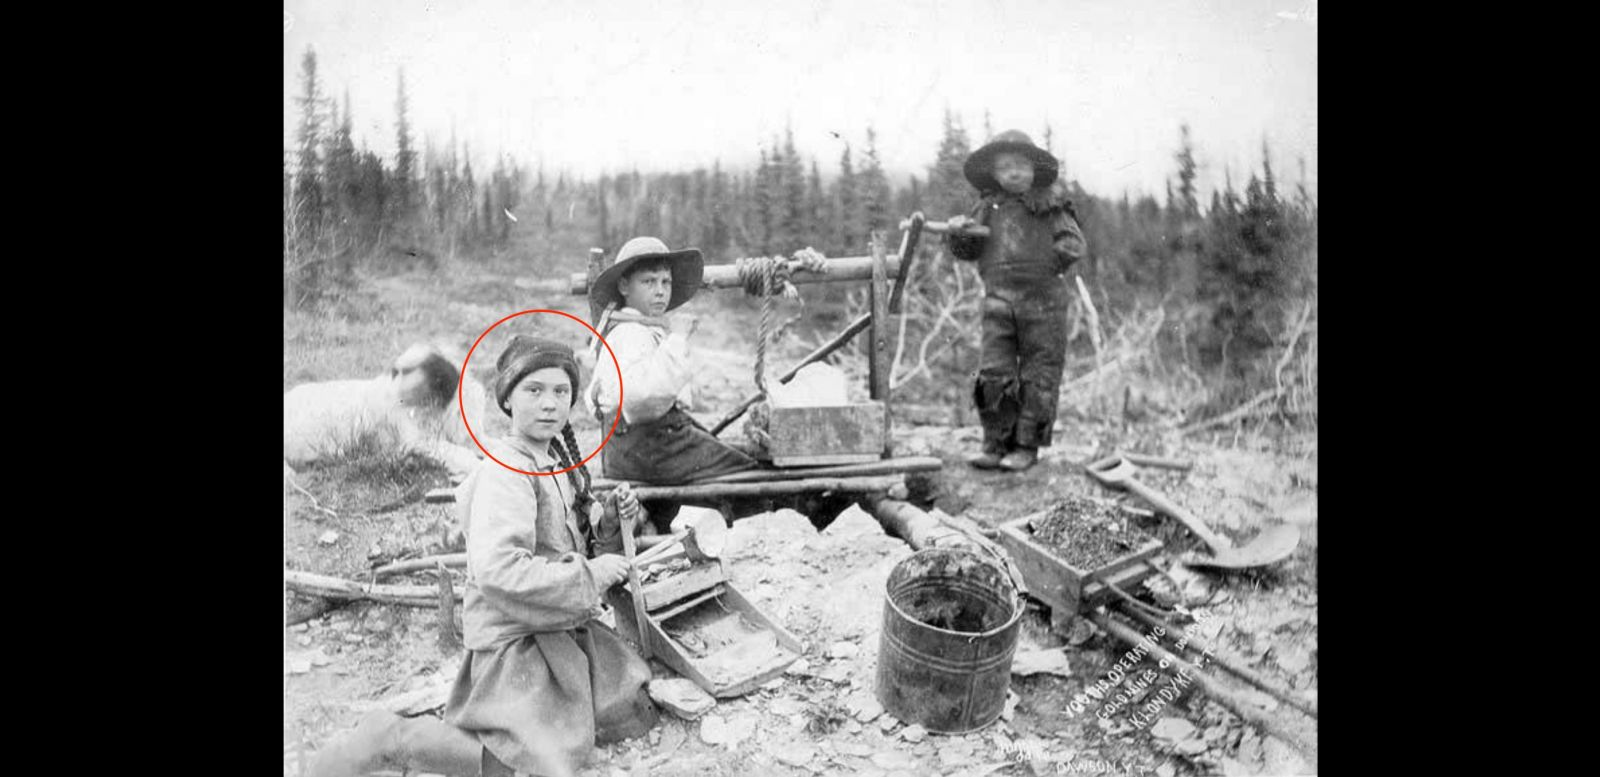 Univerzita zverejnila 120-ročnú fotku, na ktorej sa dievča nápadne podobá na Gretu Thunberg